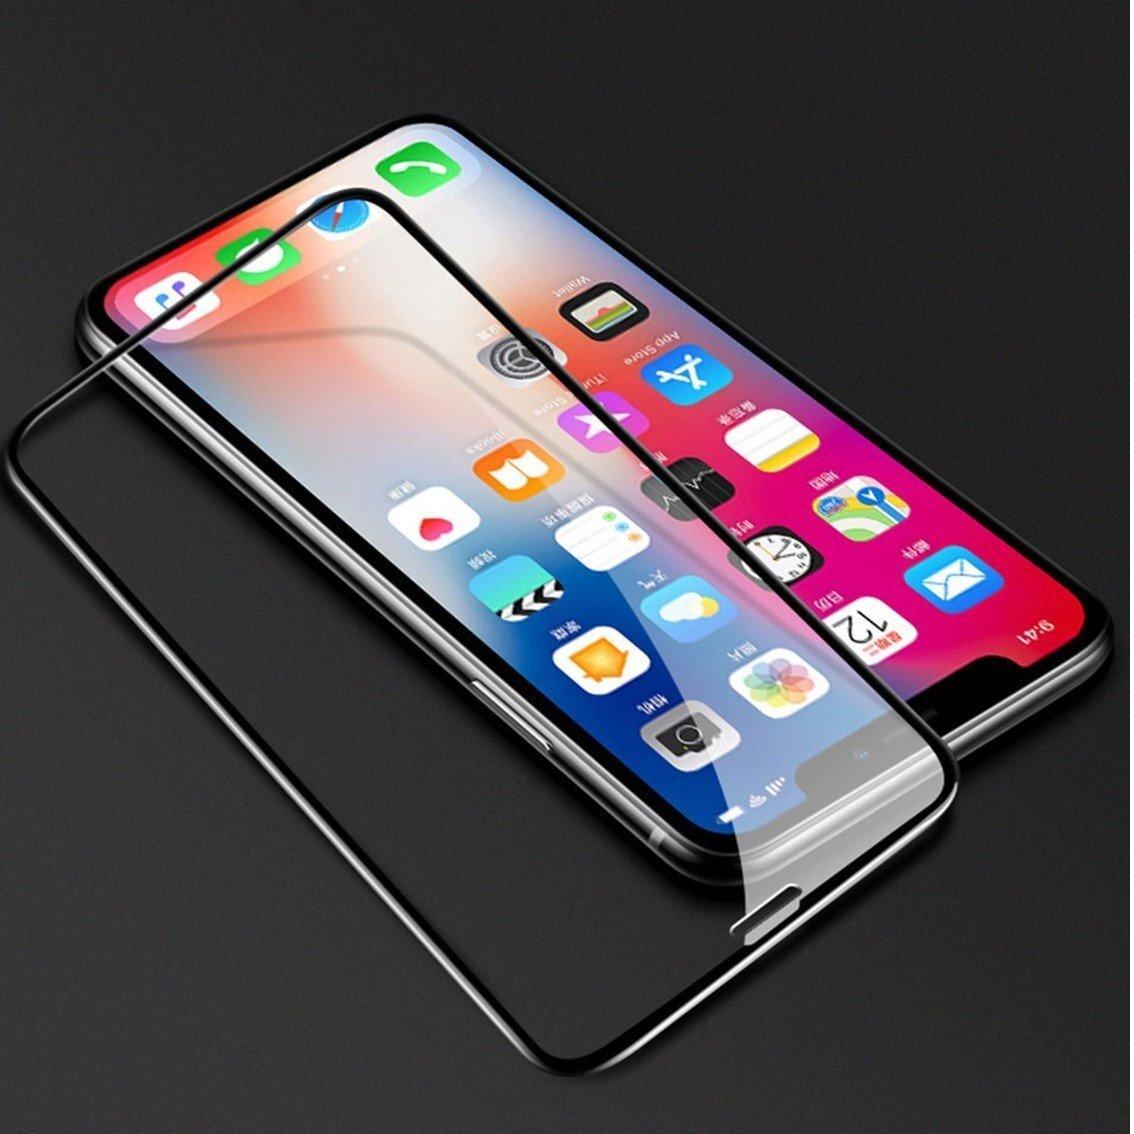 Защитное стекло подходит для IPhone XS MAX с рамкой  матовое антибликовое  Full Glue - фото pic_717c511b907a71b5859a79a222a734ee_1920x9000_1.jpg